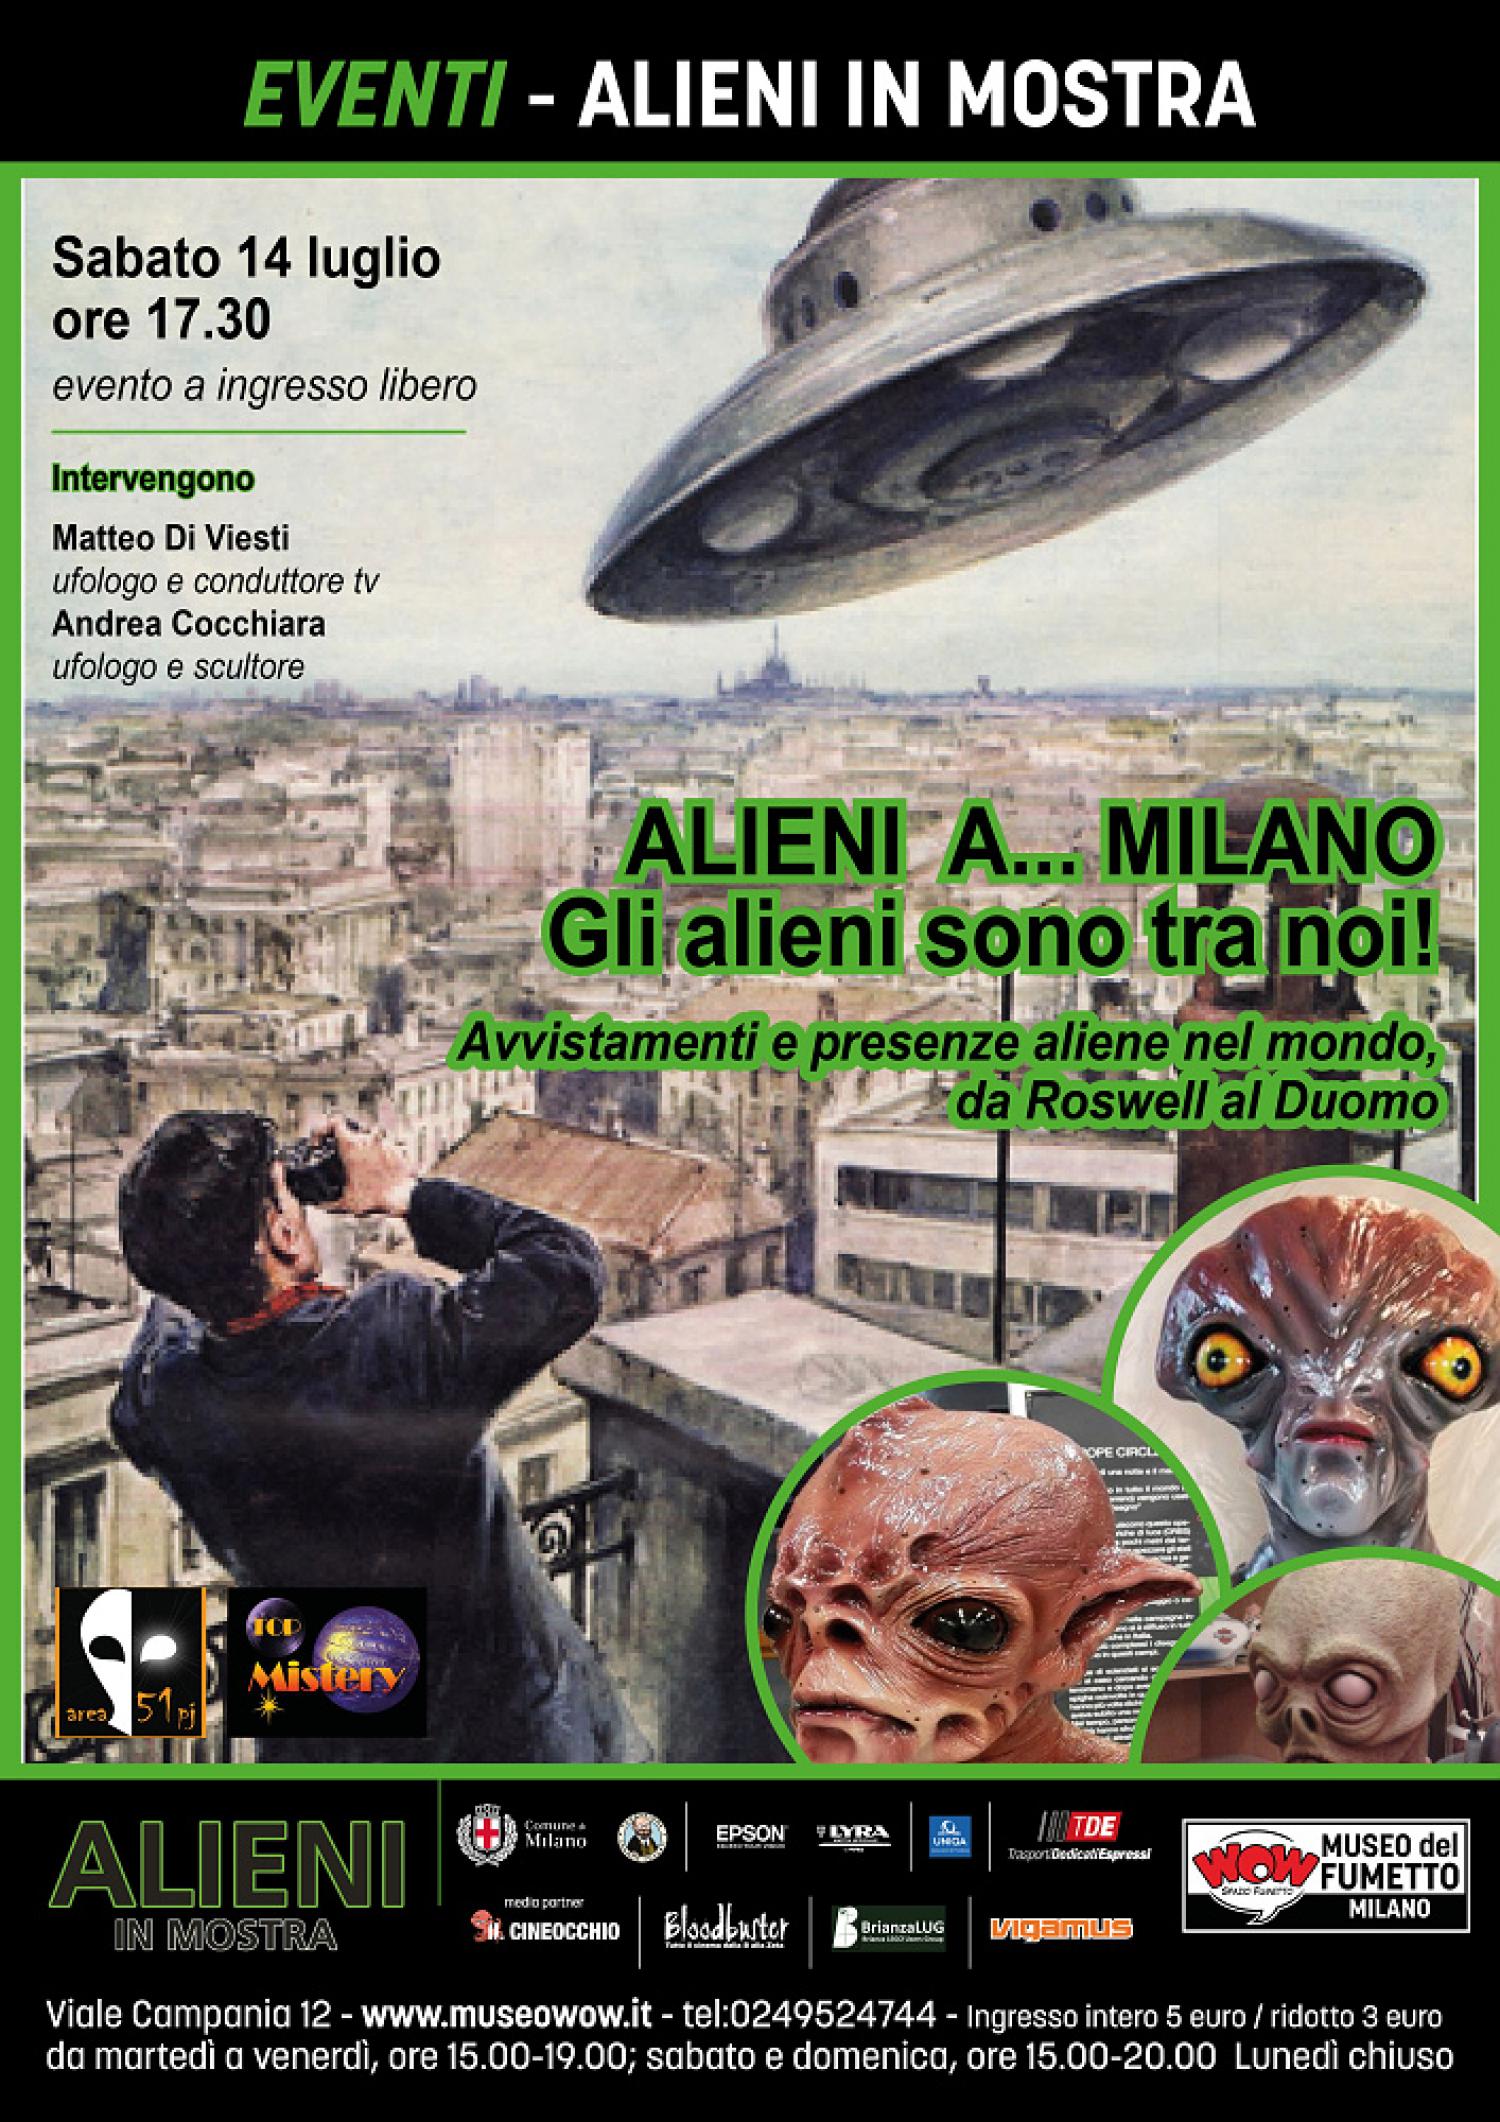 """<p><strong>La <a target=""""_blank"""" href=""""http://www.museowow.it/wow/alieni-in-mostra/"""">mostra Alieni</a> &egrave; lo spunto per affrontare l&#39;argomento UFO e scoprire quanti e quali siano stati gli avvistamenti di Oggetti Volanti non Identificati. Per farlo, sabato 14 luglio alle ore 17:30 WOW Spazio Fumetto ospiter&agrave; un incontro dedicato agli avvistamenti di dischi volanti e affini</strong>, in particolare sul cielo della nostra citt&agrave;. <strong>Interverranno Matteo Di Viesti</strong>, ufologo e conduttore tv del programma Top Mistery, e <strong>Andrea Cocchiara</strong>, scultore di alieni e animatore del Top Mistery club, il primo club del mistero a Milano. Oltre a raccontarci gli avvistamenti che da Roswell al Duomo hanno riempito le cronache dei giornali e che in Italia sono state raccontate dalle splendide copertine de La Domenica del Corriere (molte delle quali esposte in mostra), Andrea Cocchiara dar&agrave; una dimostrazione di come crea le sue affascinanti e magnetiche statue dedicate ai diversi tipi di alieni.&nbsp;L&#39;incontro sar&agrave; trasmesso sul canale Anima millenaria. Gli avvistamenti di UFO su Milano iniziano ben quattordici anni prima del 24 giugno 1947, quando il pilota americano Kenneth Arnold disse di aver incontrato nove &ldquo;dischi volanti&rdquo; che volavano in formazione nei pressi del Monte Rainer, e del 7 luglio dello stesso anno, quando un oggetto volante non identificato si schiant&ograve; a Roswell e &ndash; si dice &ndash; ne vennero recuperati dai militari statunitensi i corpi dei piloti extraterrestri. Il 13 giugno del 1933 nei pressi di Milano sarebbe caduto un UFO che, prontamente recuperato dalle milizie fasciste, sarebbe stato trasportato a Vergiate e preso in custodia per essere studiato dal Gabinetto RS 33 (Ricerche Speciali) guidato da Ettore Majorana. Pare che un secondo avvistamento sia avvenuto circa due mesi dopo, ma nonostante si fosse levata in volo una squadriglia di aerei l&#39;oggetto volante non """